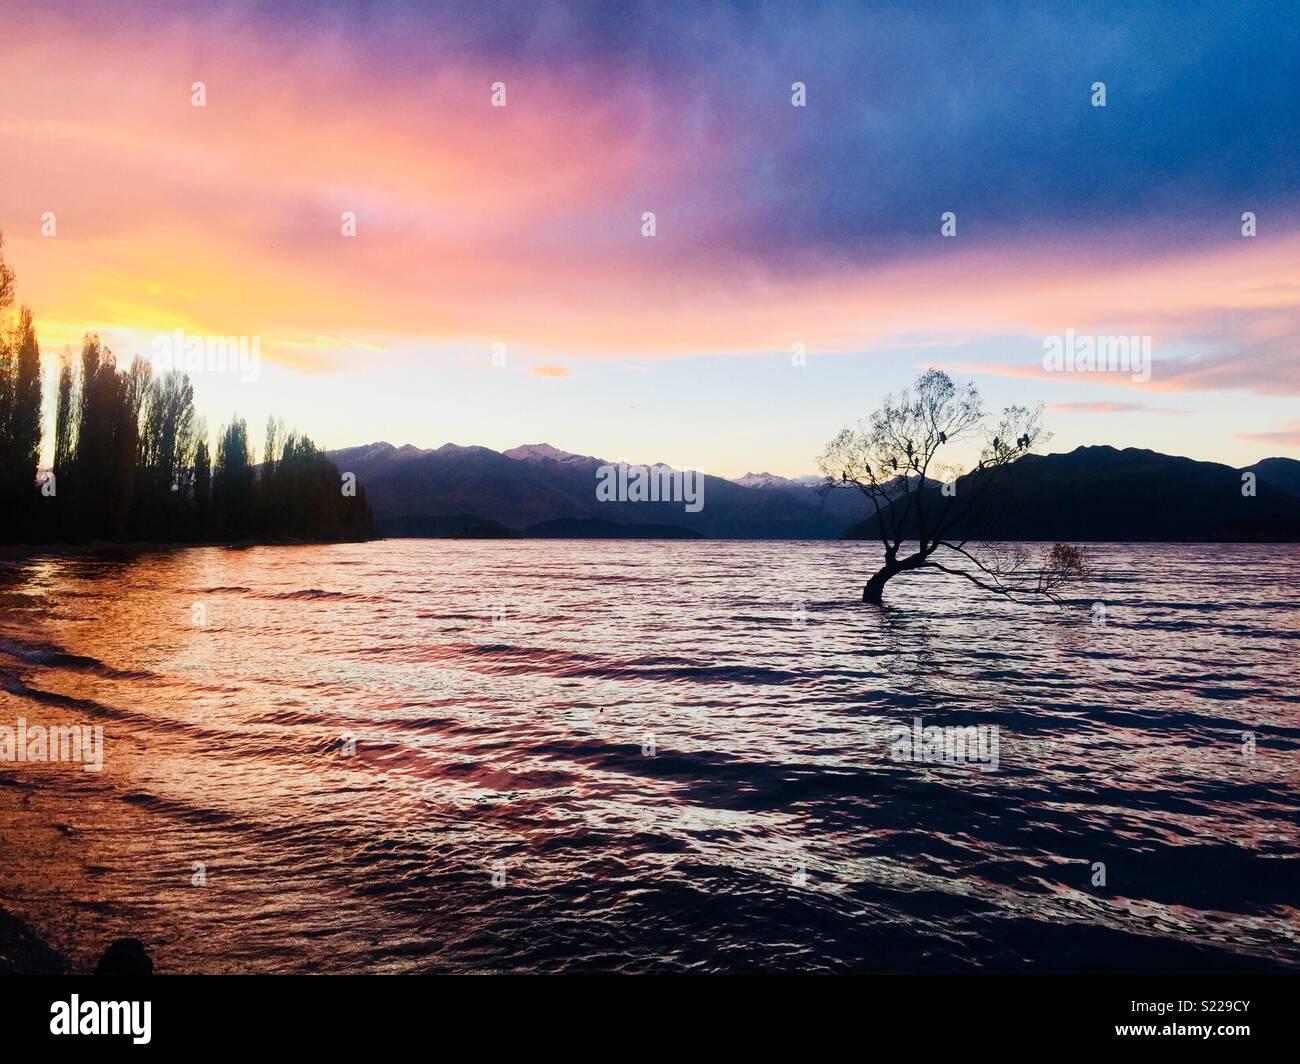 Wanaka Tree, Lake Wanaka, New Zealand - Stock Image